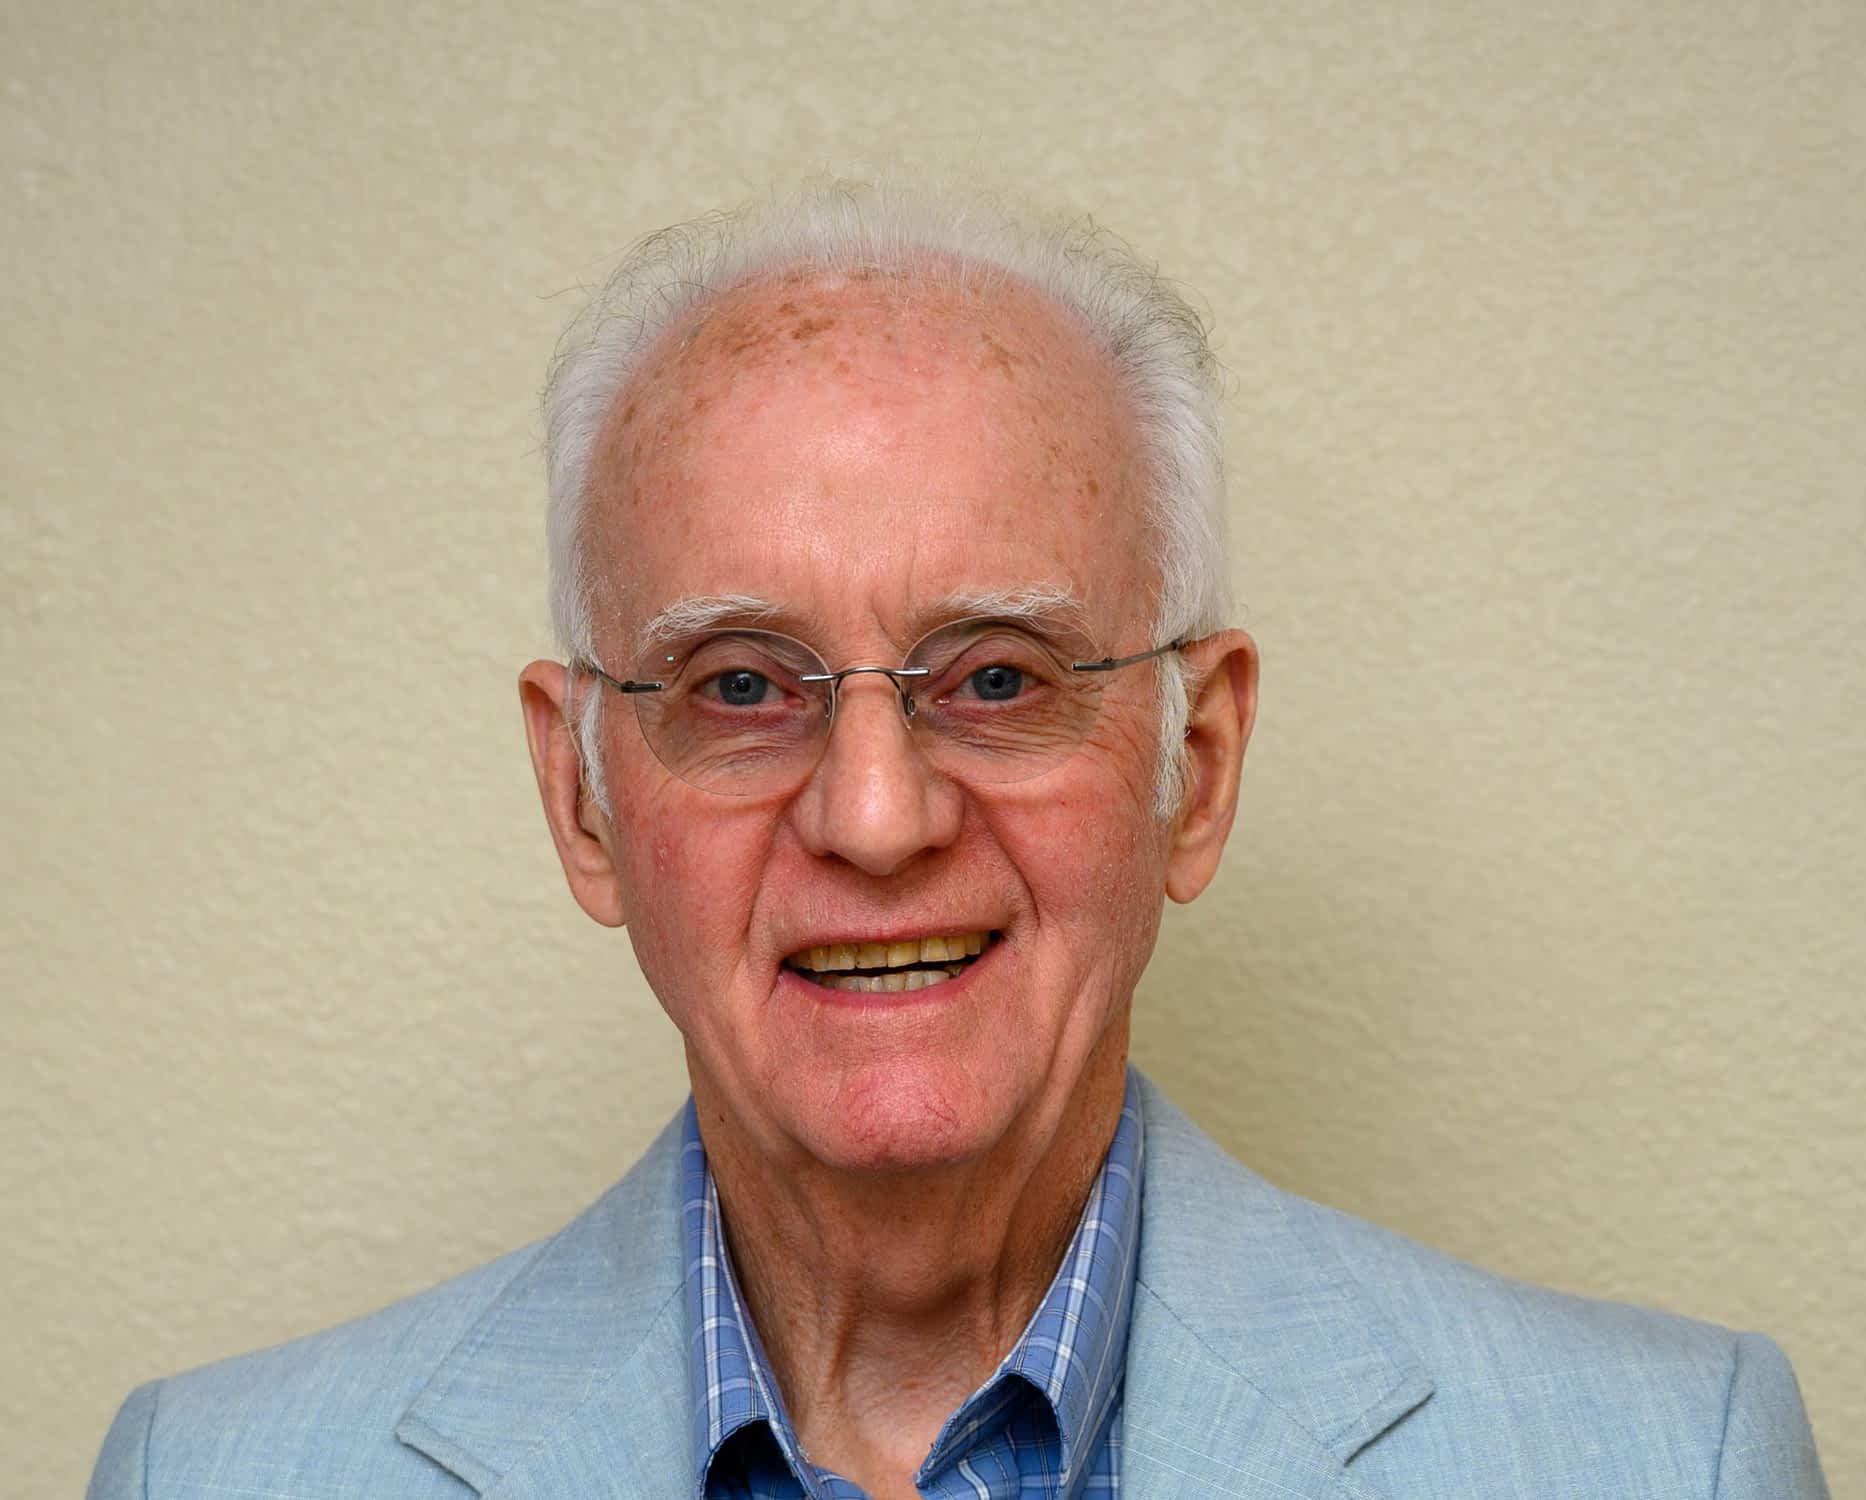 Wayne Alumbaugh